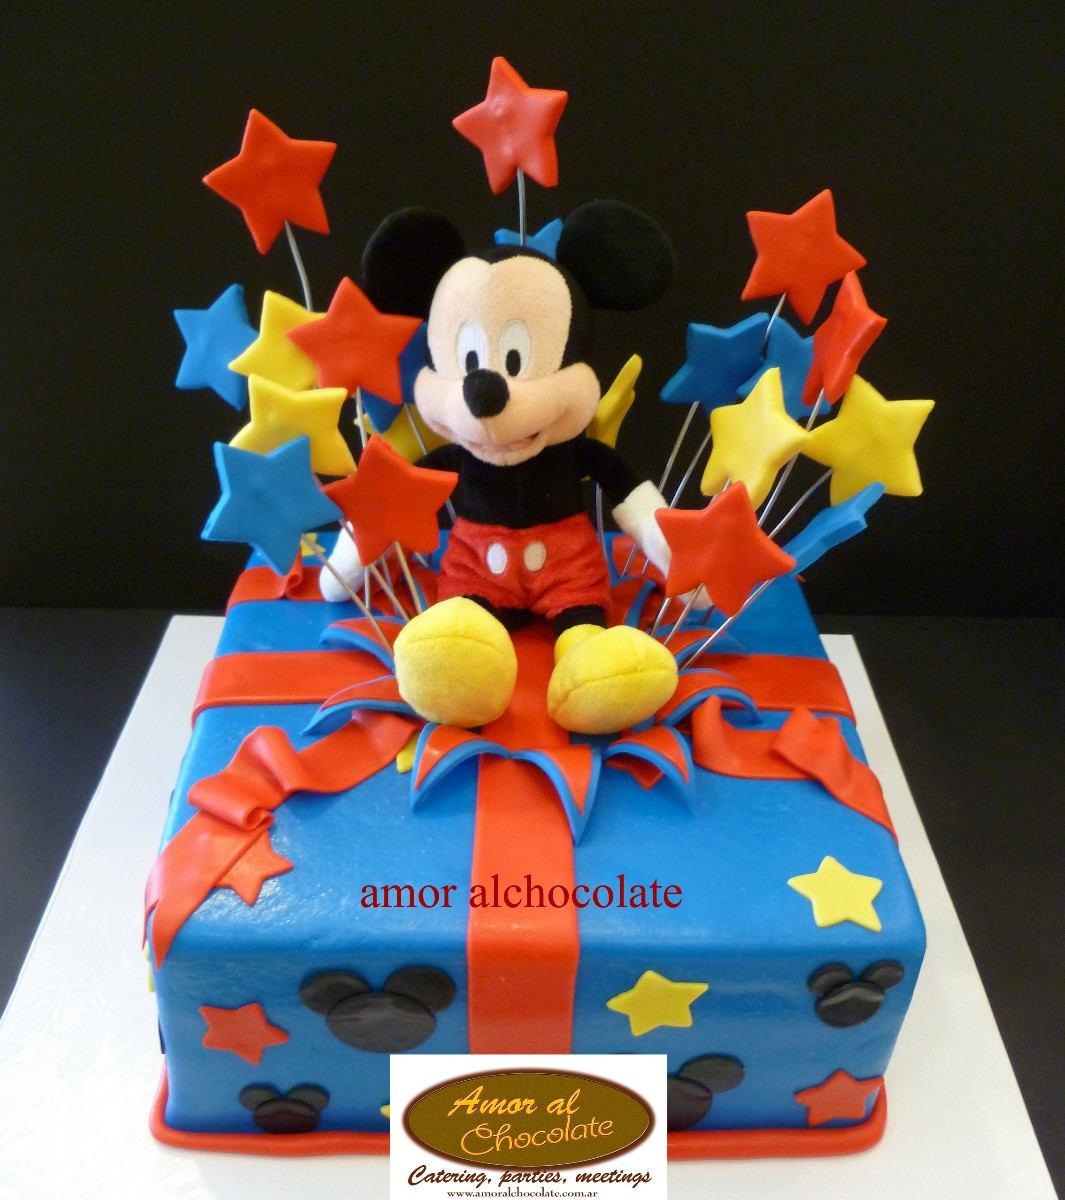 Compartiendo fondos hermosas tortas de cumplea os para ni os - Cumpleanos de bebes ...